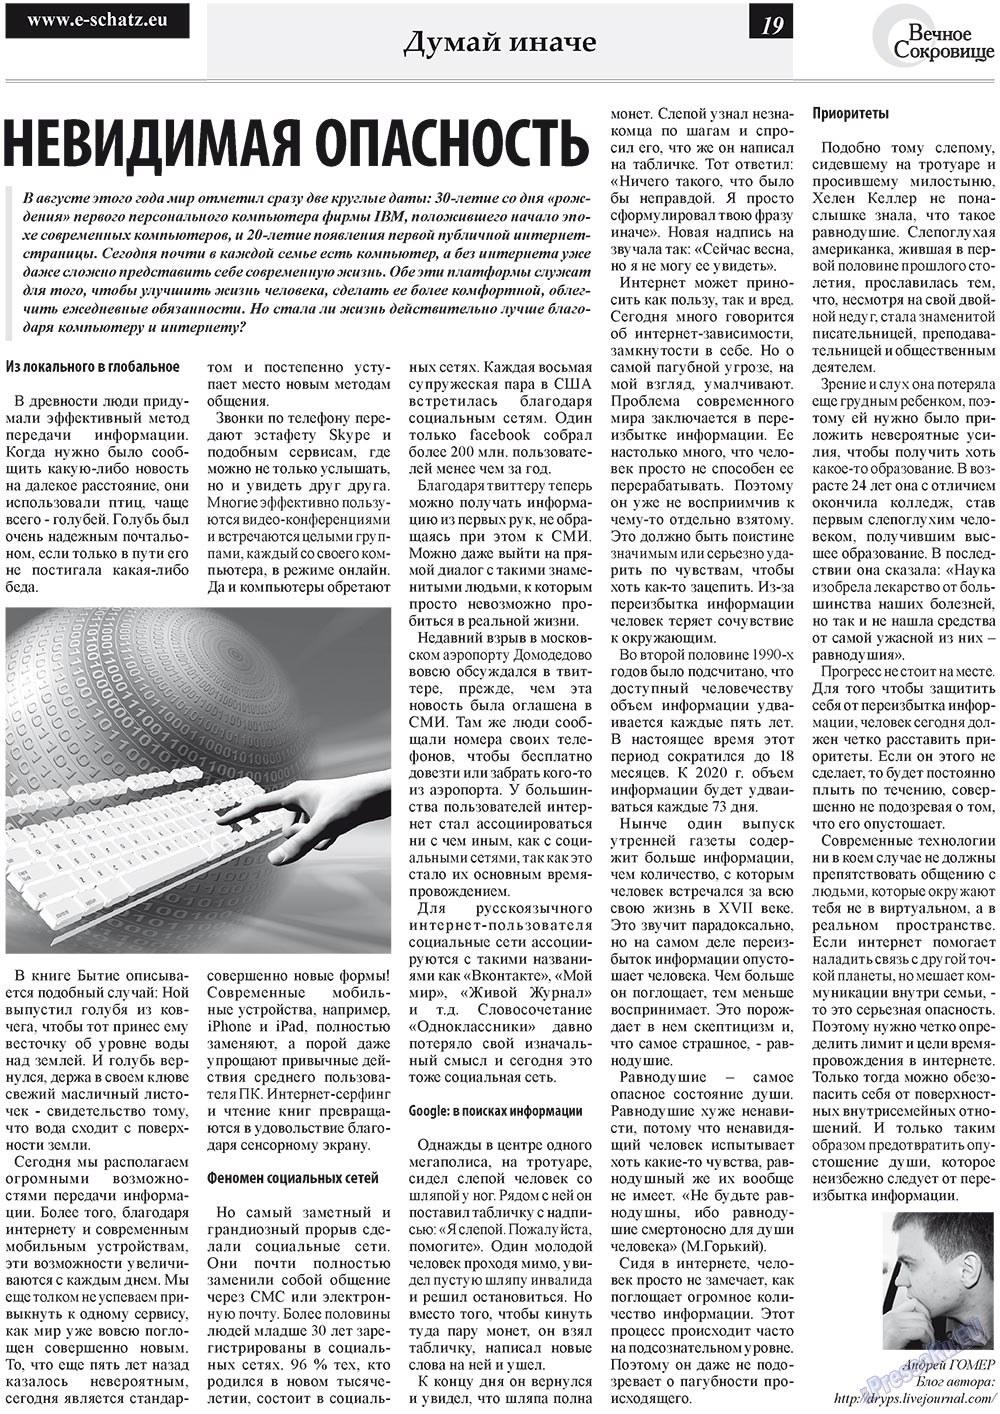 Вечное сокровище (газета). 2011 год, номер 5, стр. 19